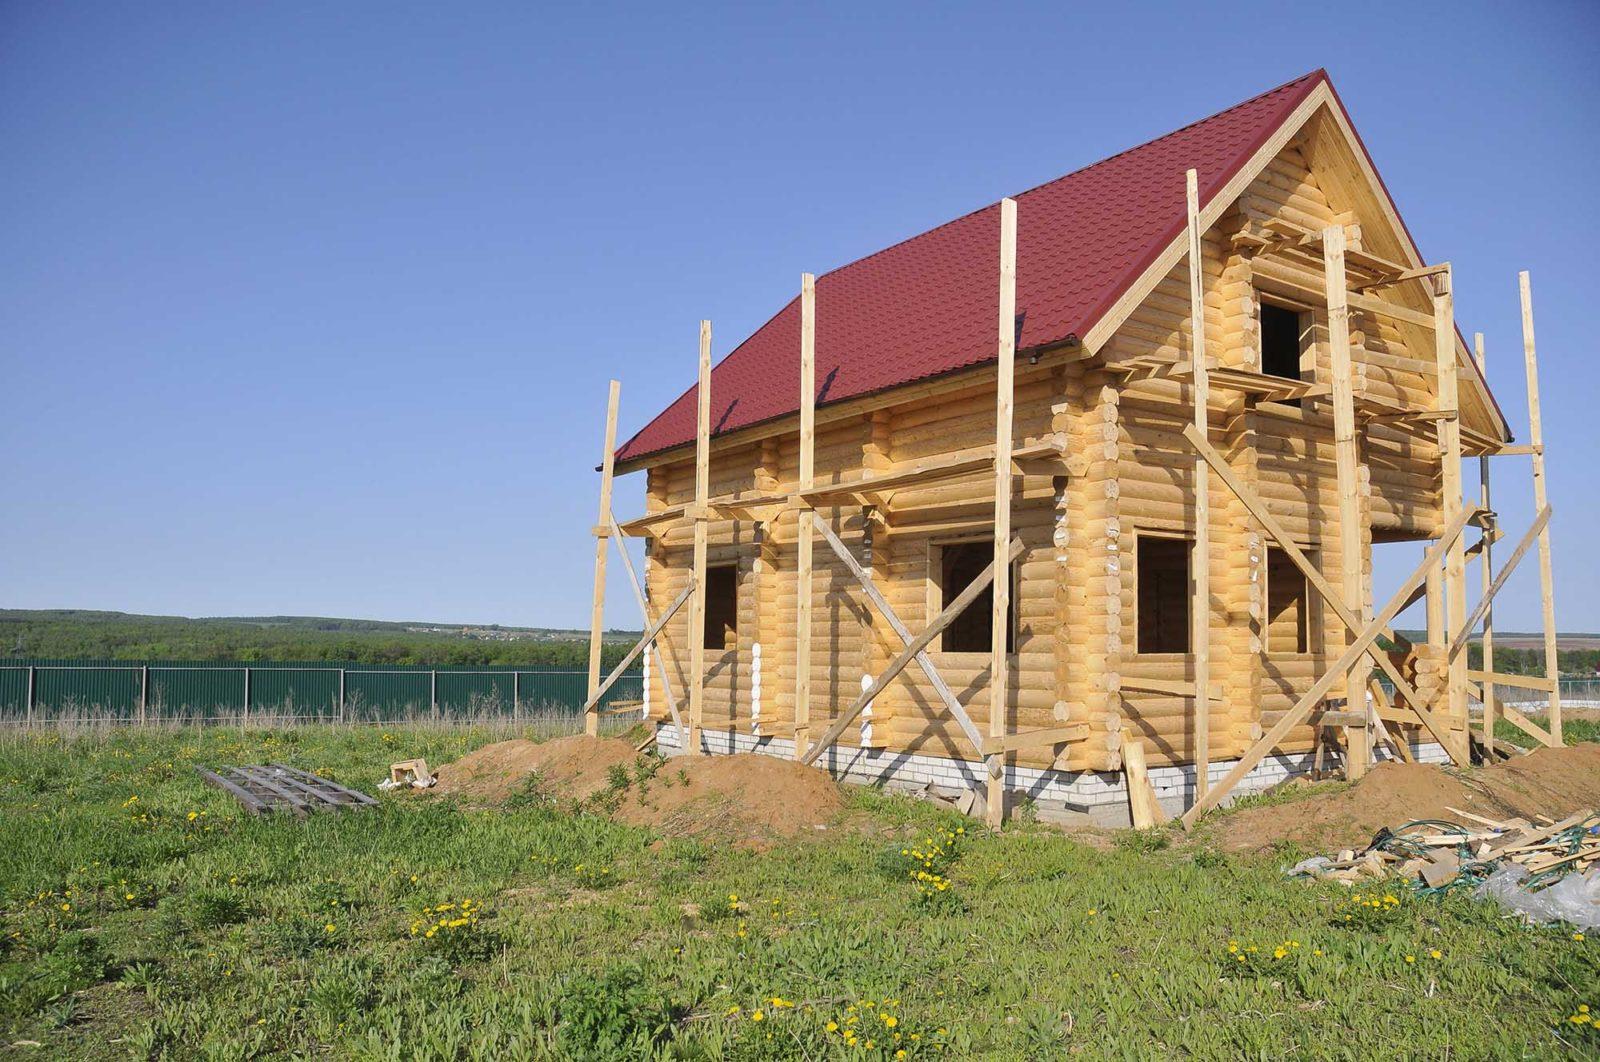 какой дом построить, постройка бревенчатого дома, сборка бревенчатого дома, дом из оцилиндрованного бревна, дом деревянный купить